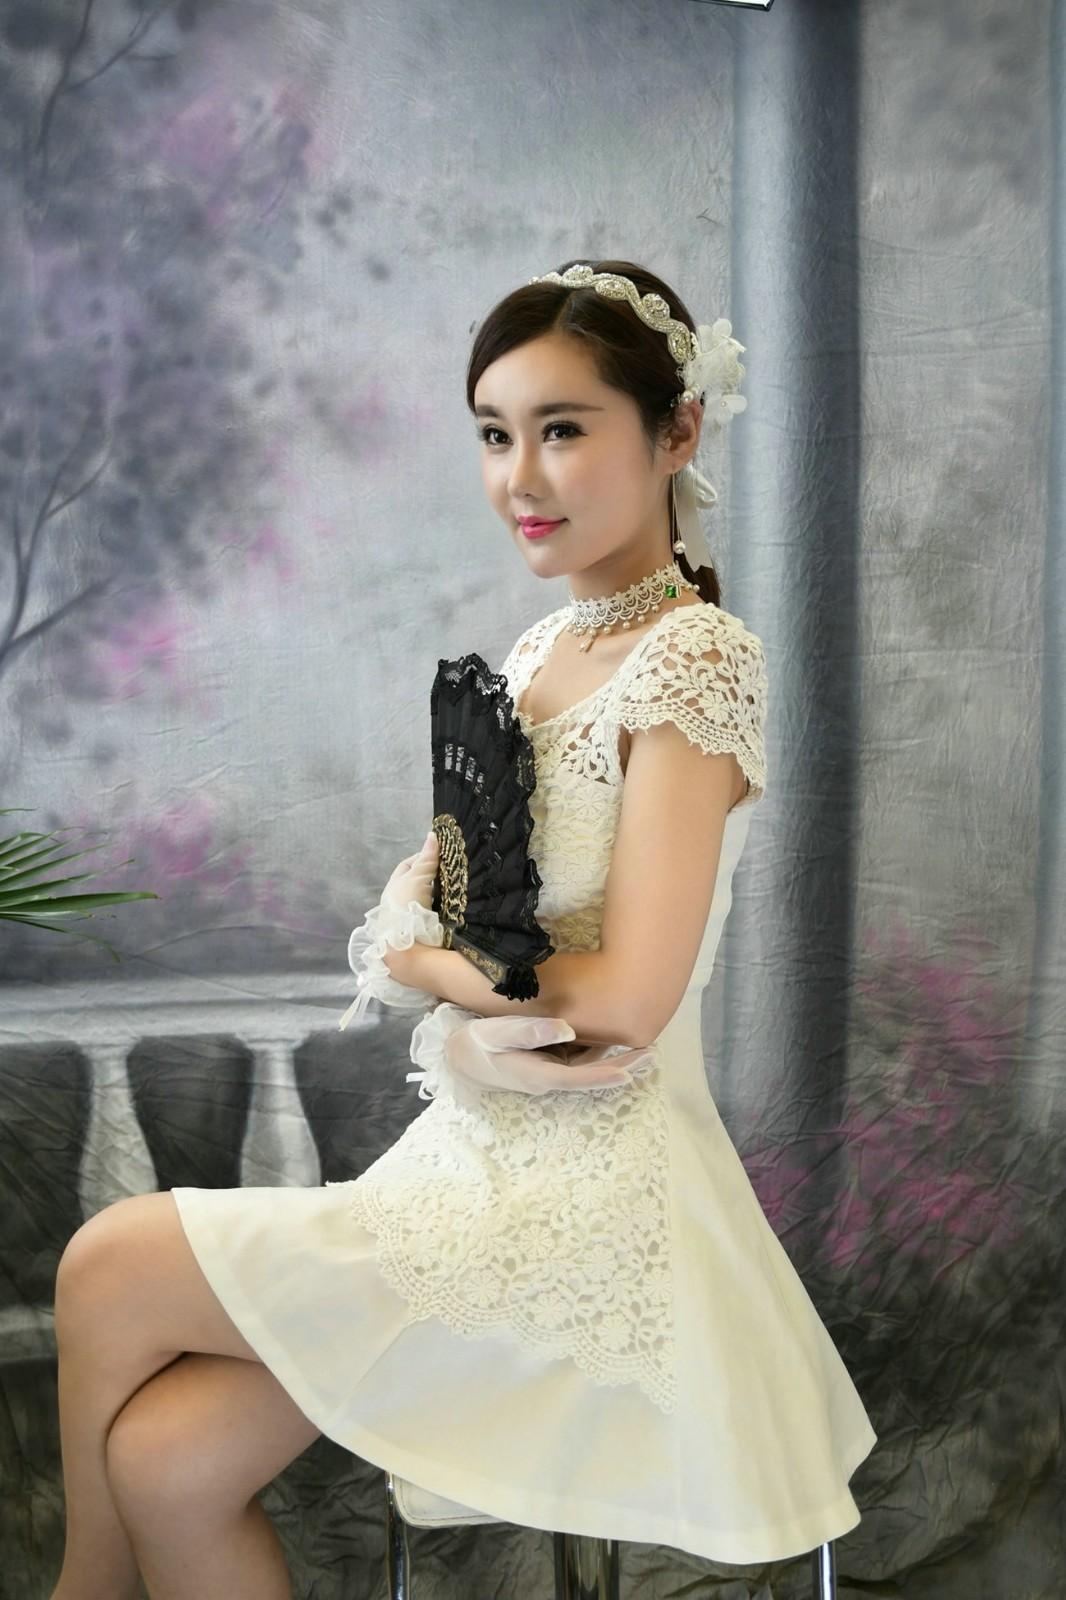 衣着漂亮裙子手拿扇子的靓丽美女一枚! - 蔷薇花 - 蔷薇花